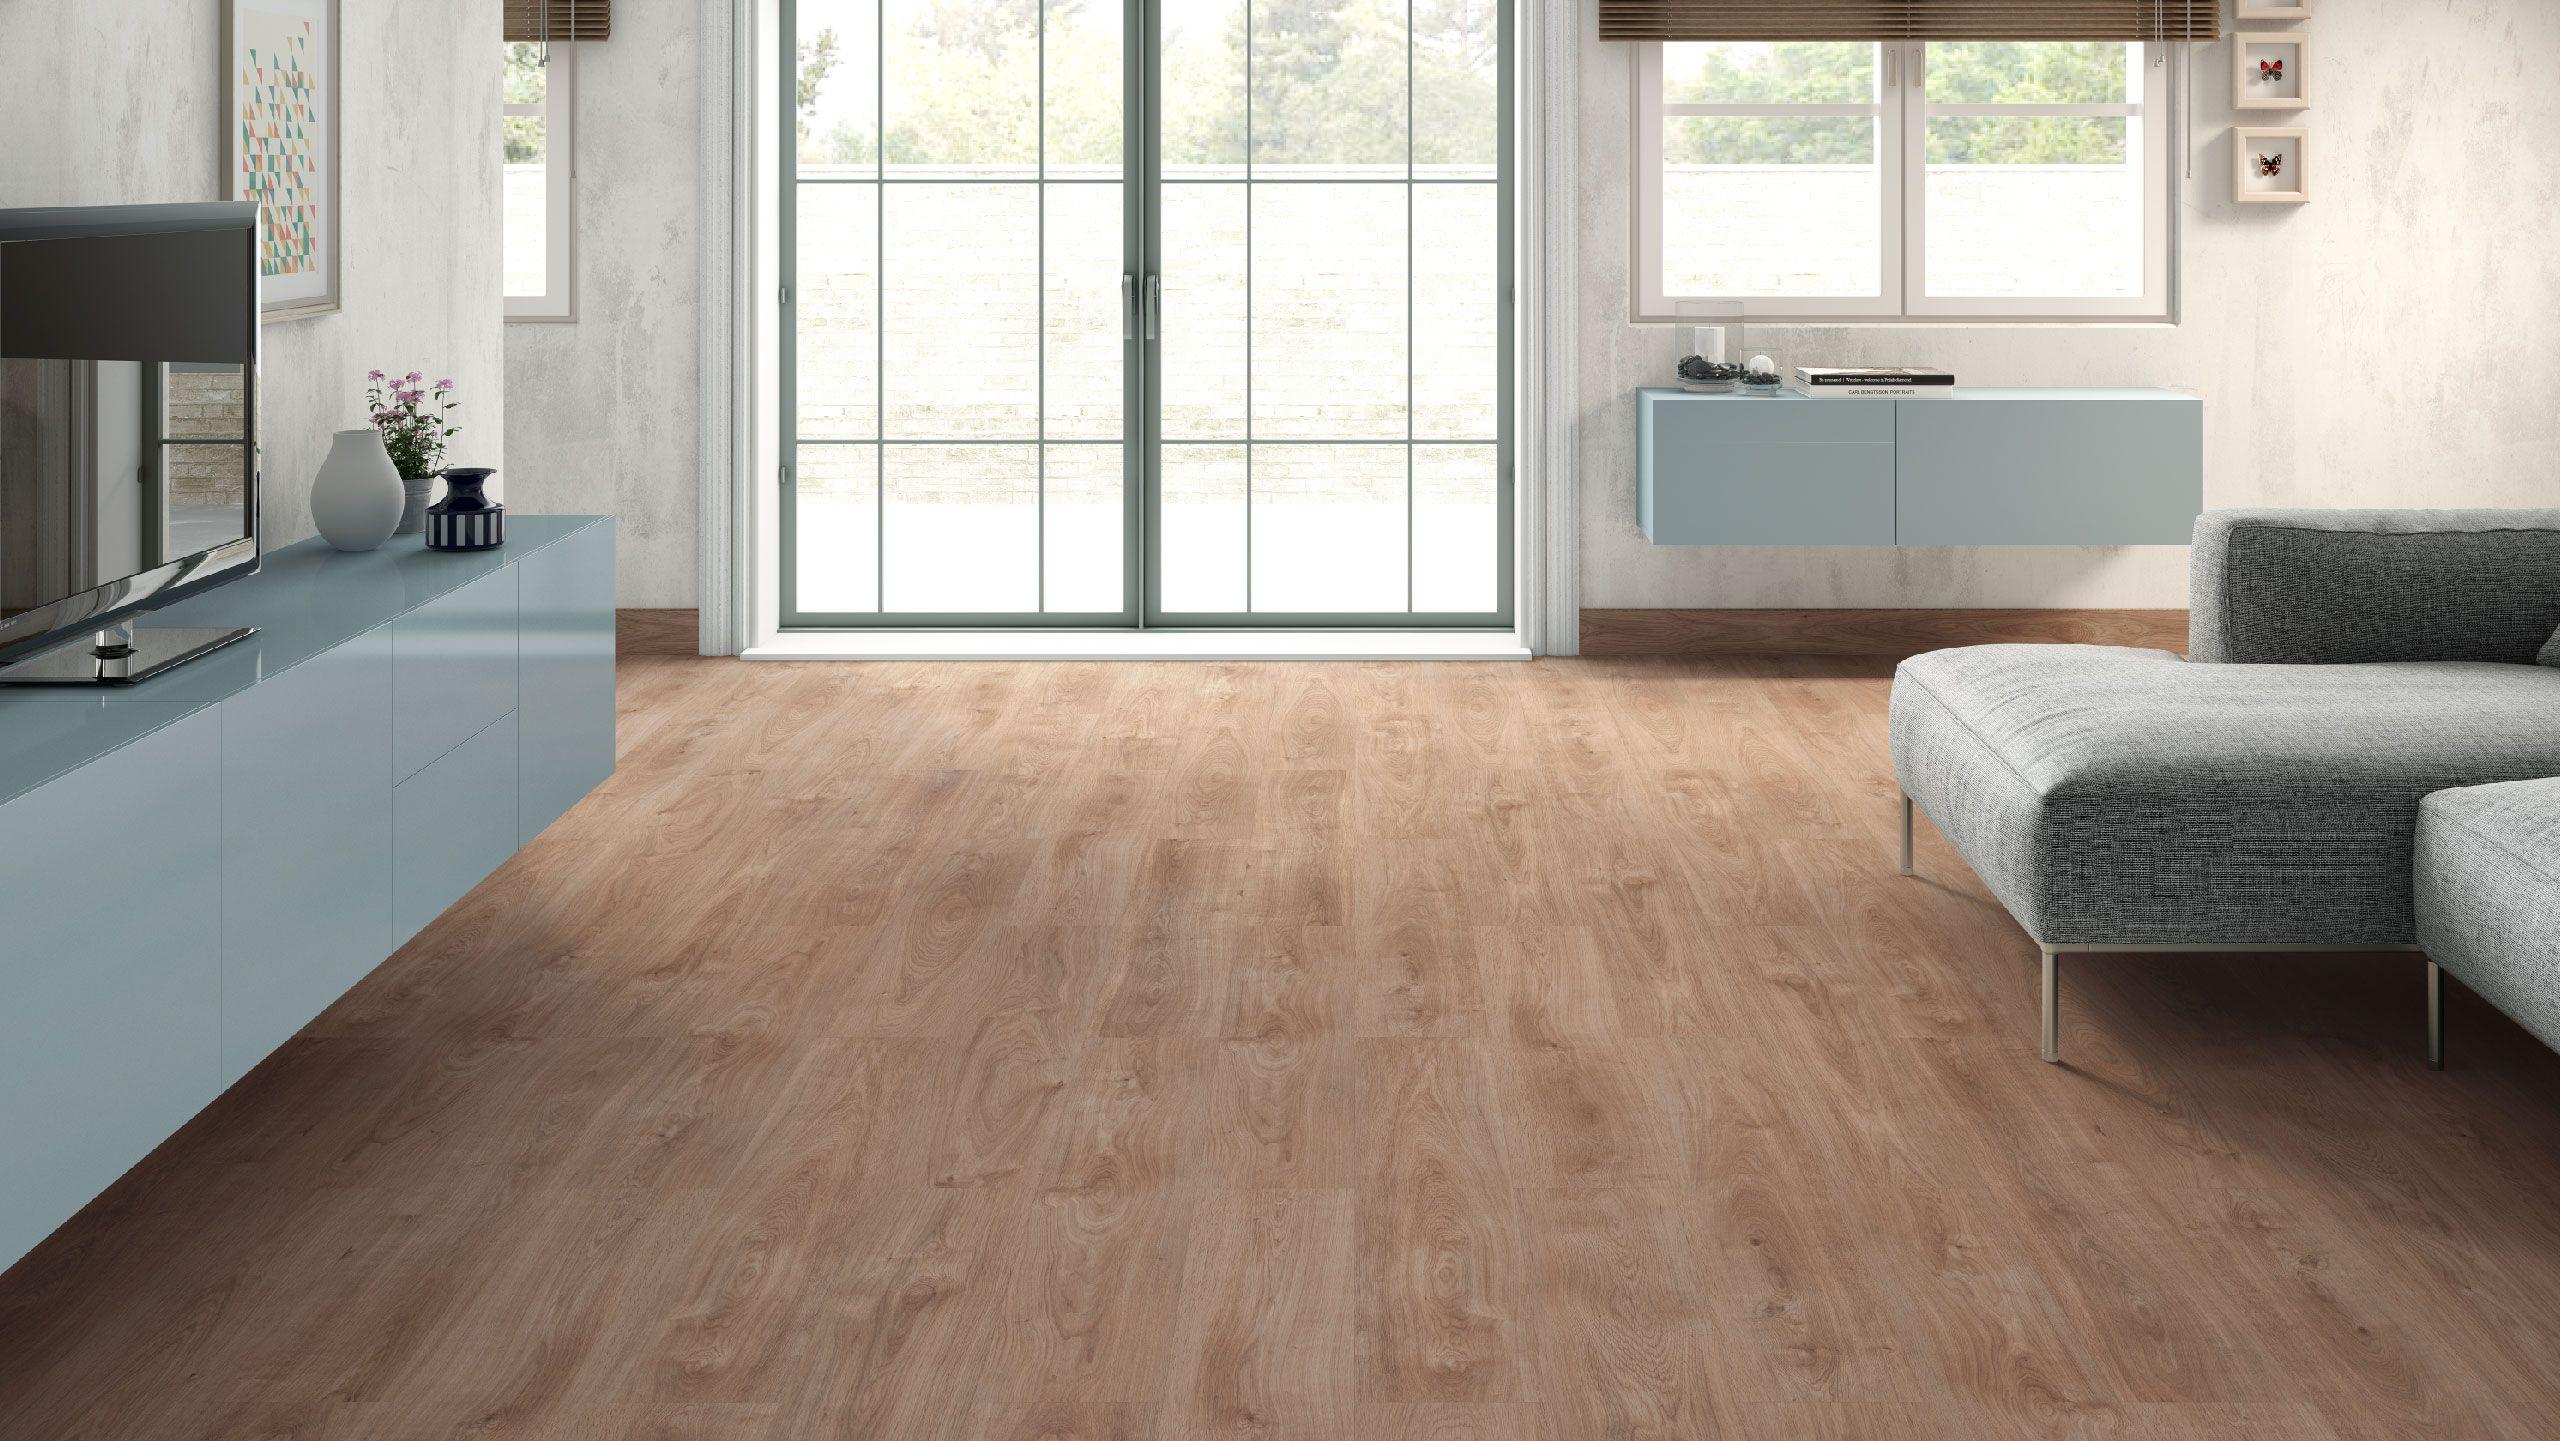 Resultado de imagen de suelos parquet roble piso - Parquet de madera natural ...